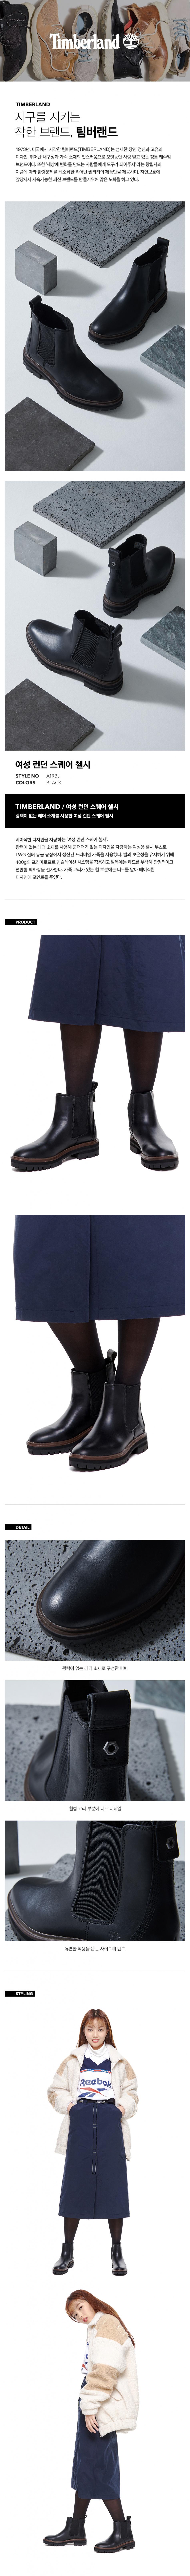 팀버랜드(TIMBERLAND) [A1RBJ] 여성 런던 스퀘어 첼시 - 블랙